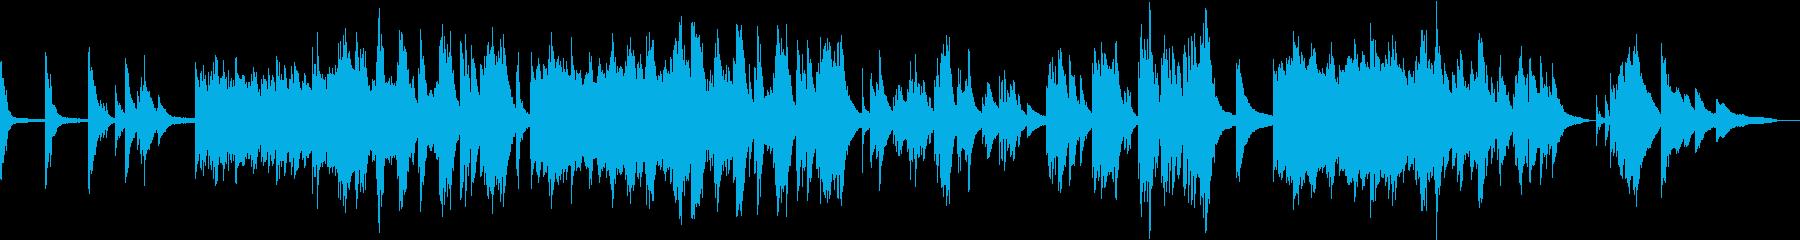 感動的な場面で使えるピアノバラードの再生済みの波形